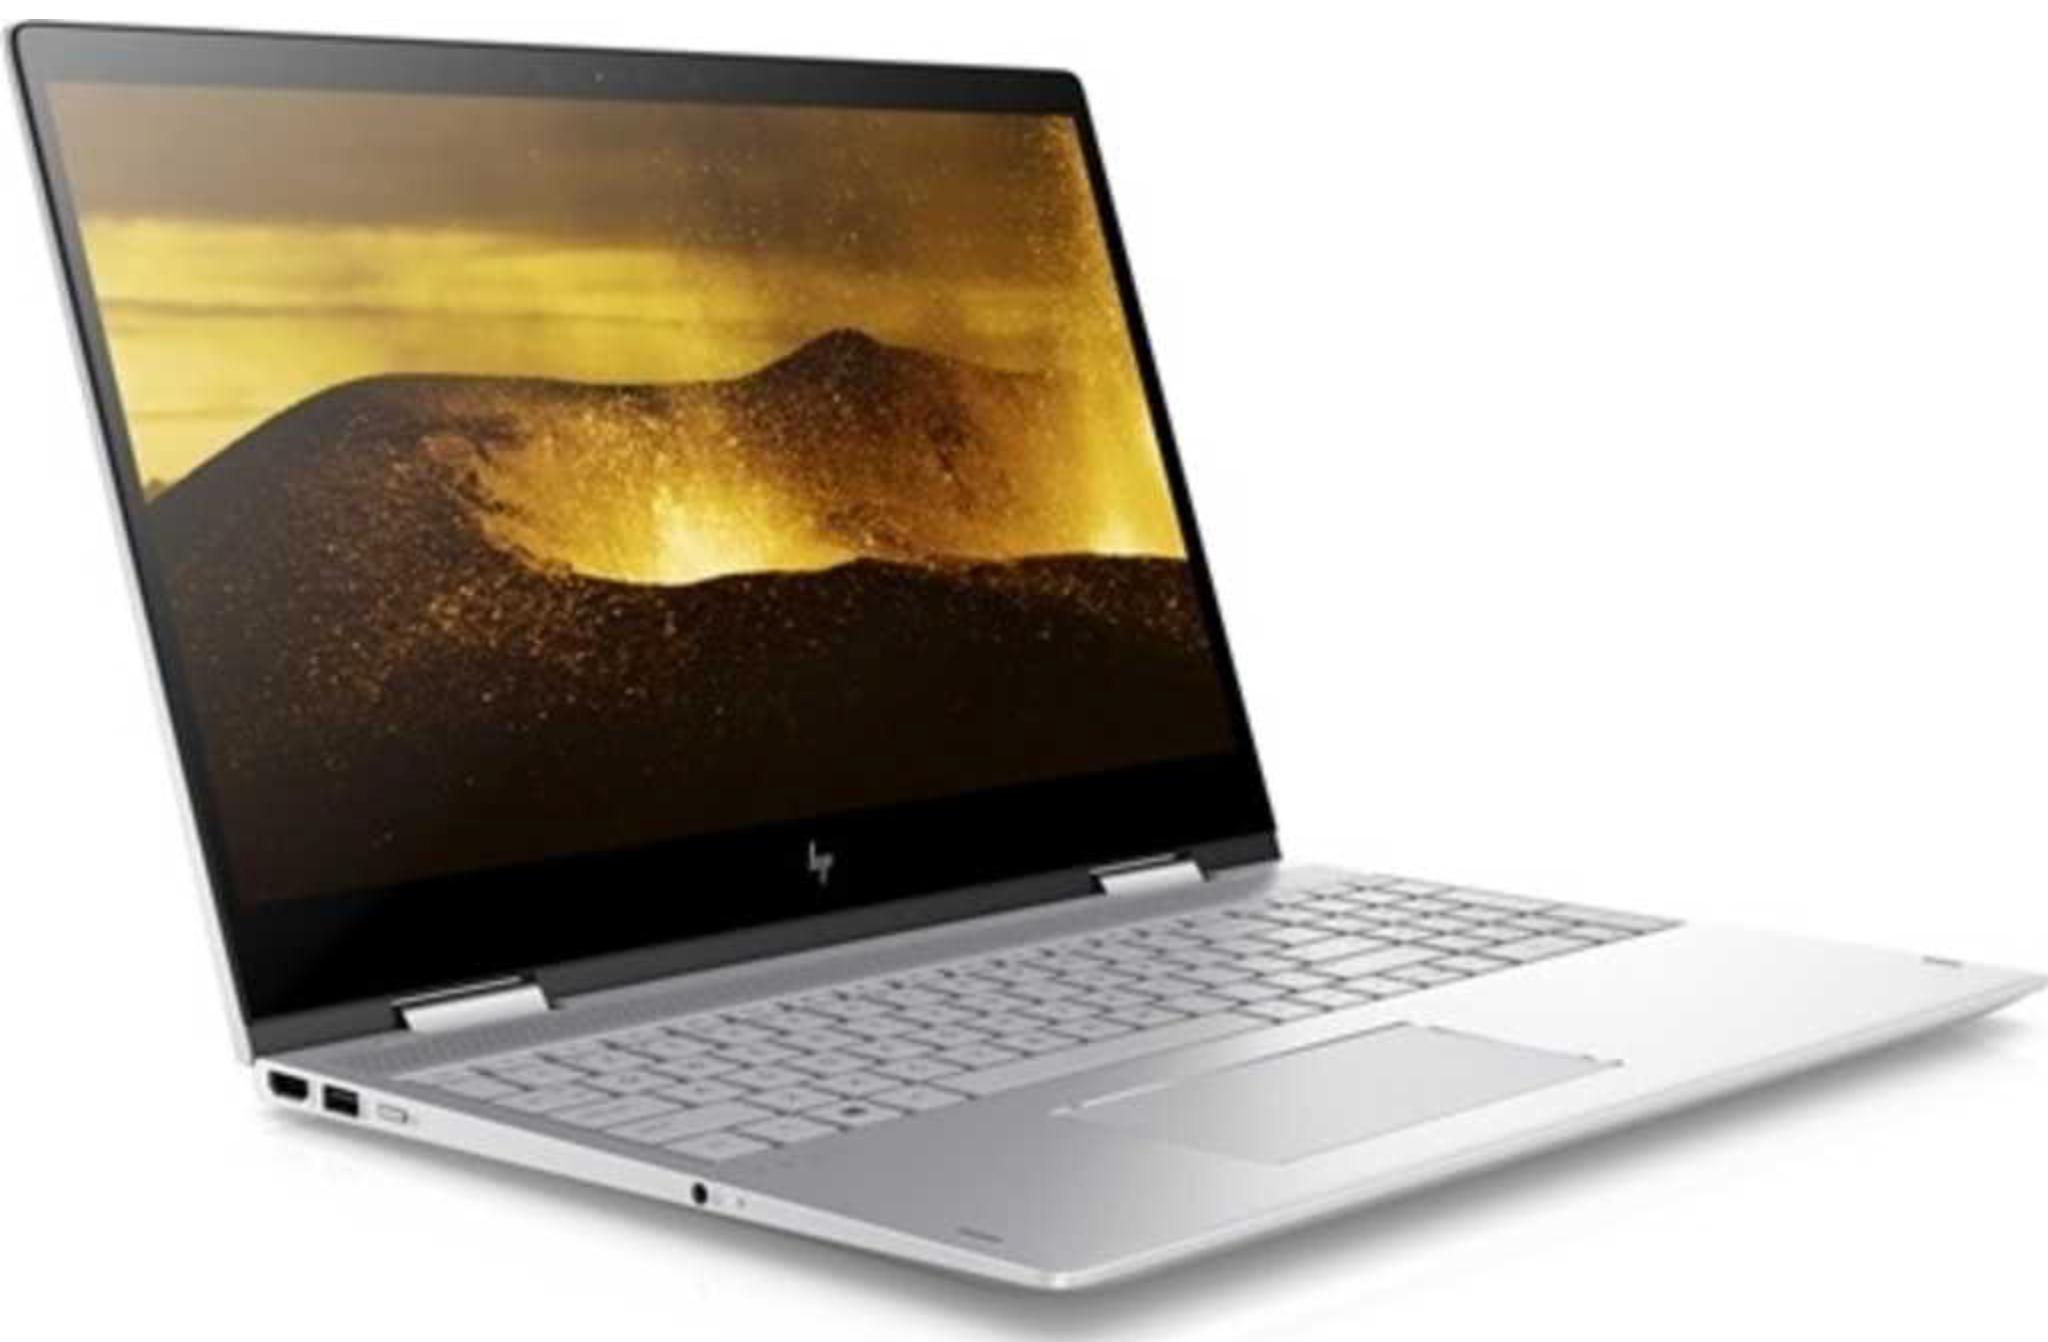 [csv] HP Envy x360 - 15-bp108ng Core i5-8250U, Notebook 15.6 Zoll, 8GB RAM, MX150 4GB, 128GB SSD + 1TB HD für 749€